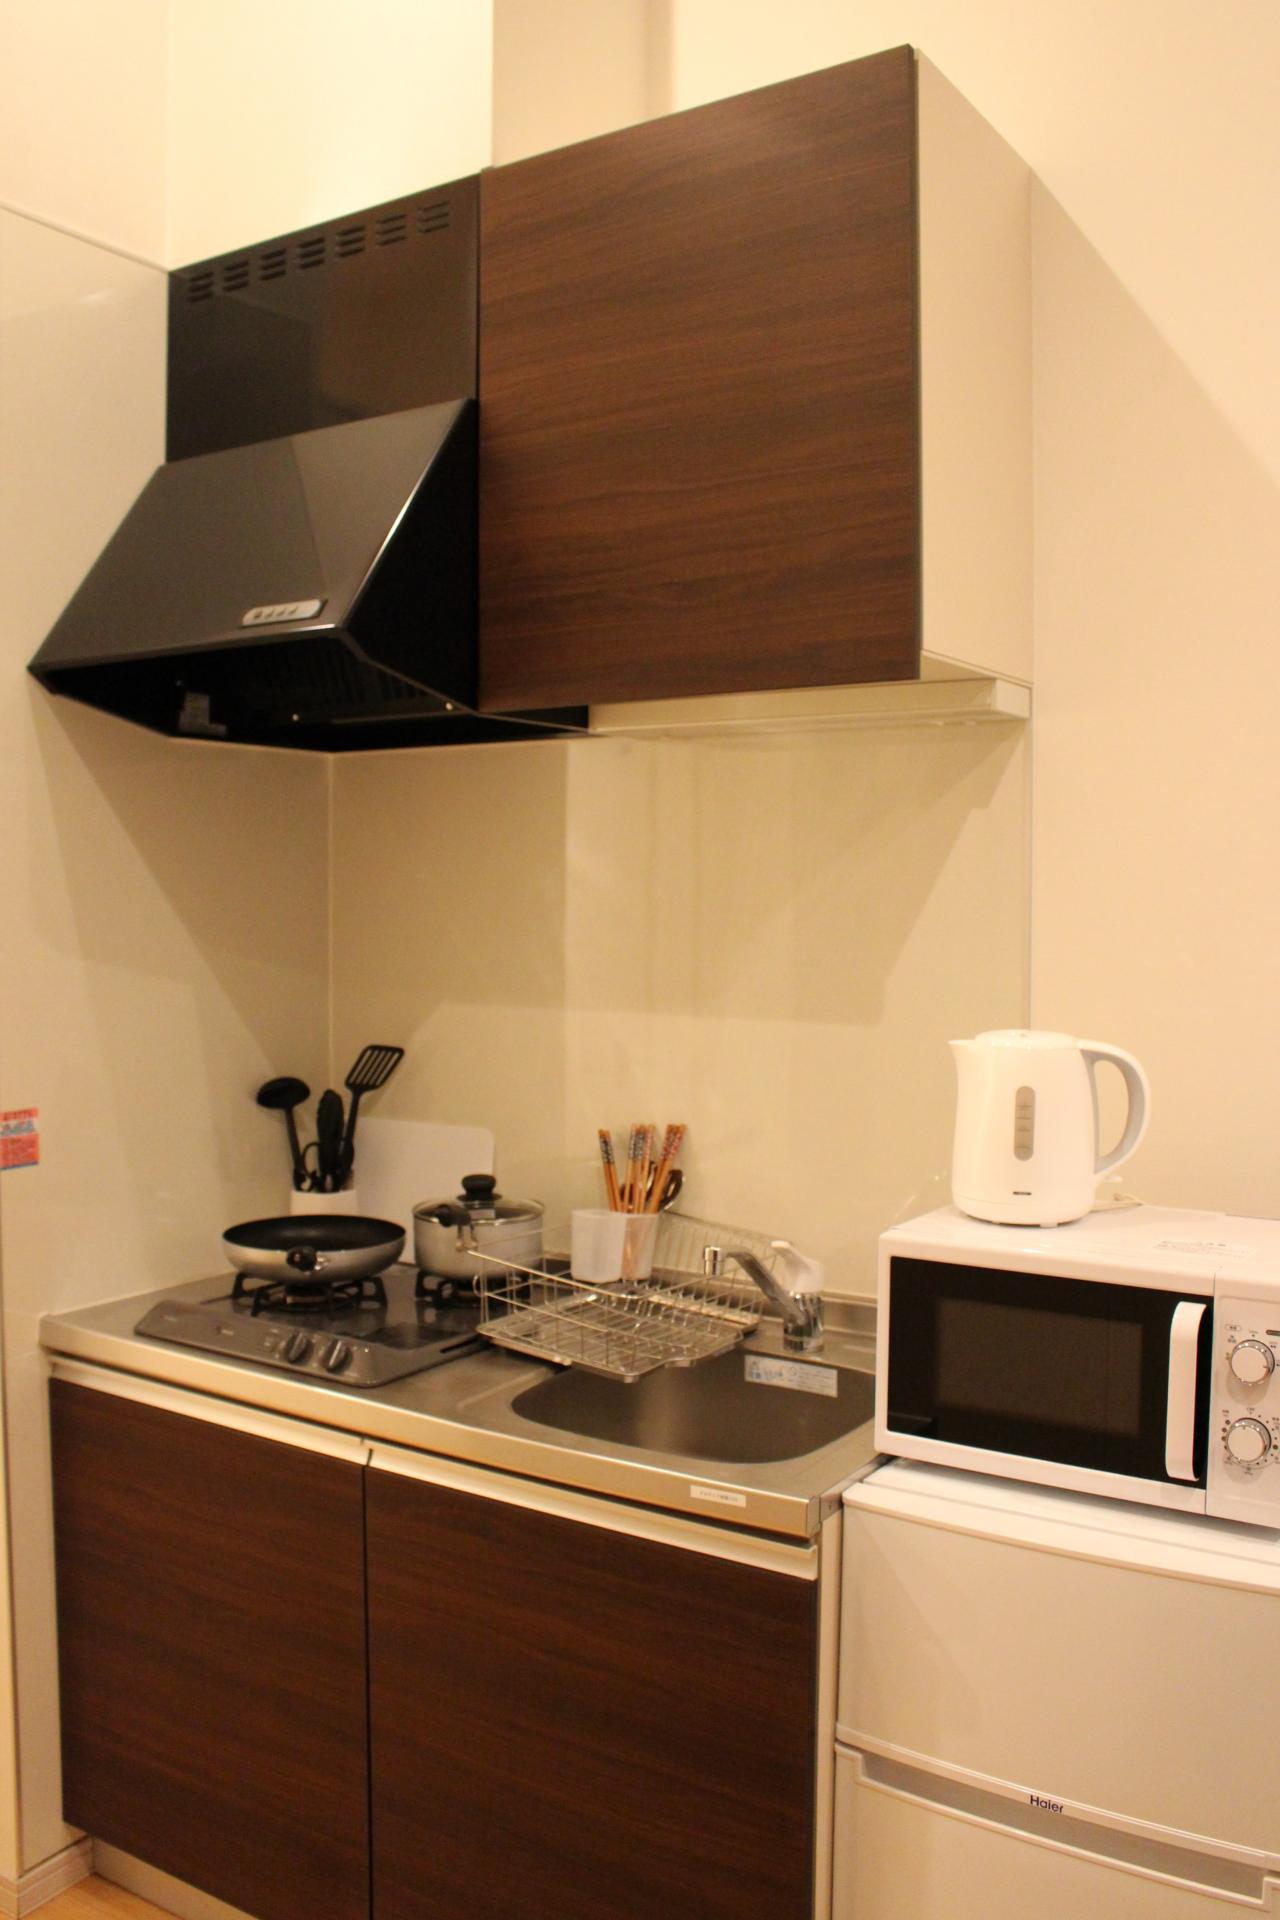 Kitchen at Melodia Harajuku Apartments, Shibuya City, Tokyo